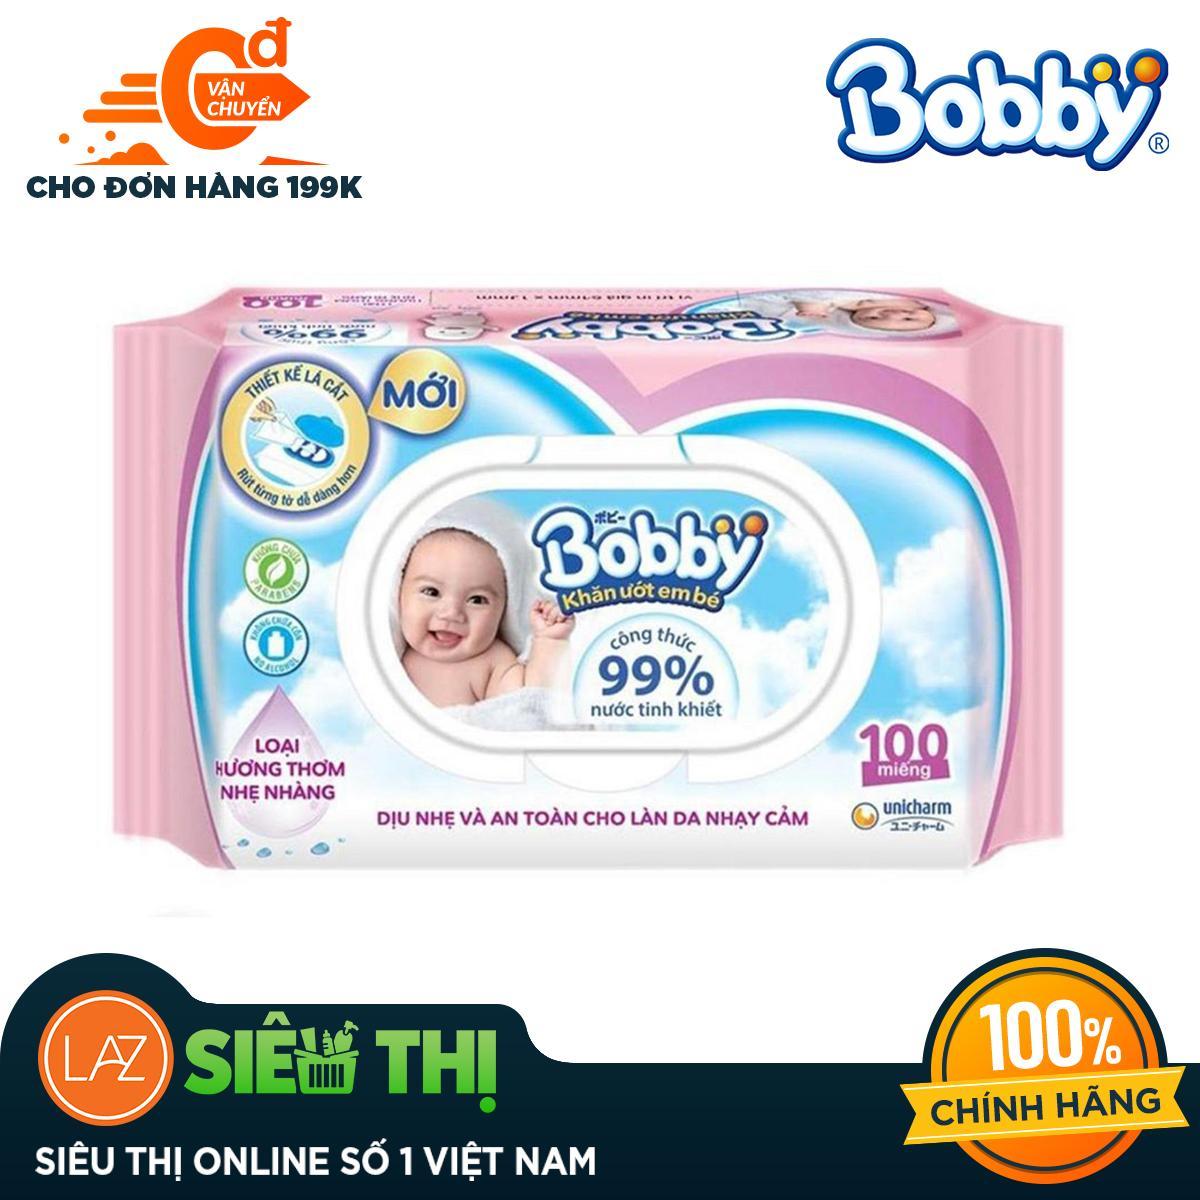 [Siêu thị Lazada] - Khăn ướt trẻ em Bobby Care hương dịu nhẹ gói 100 miếng